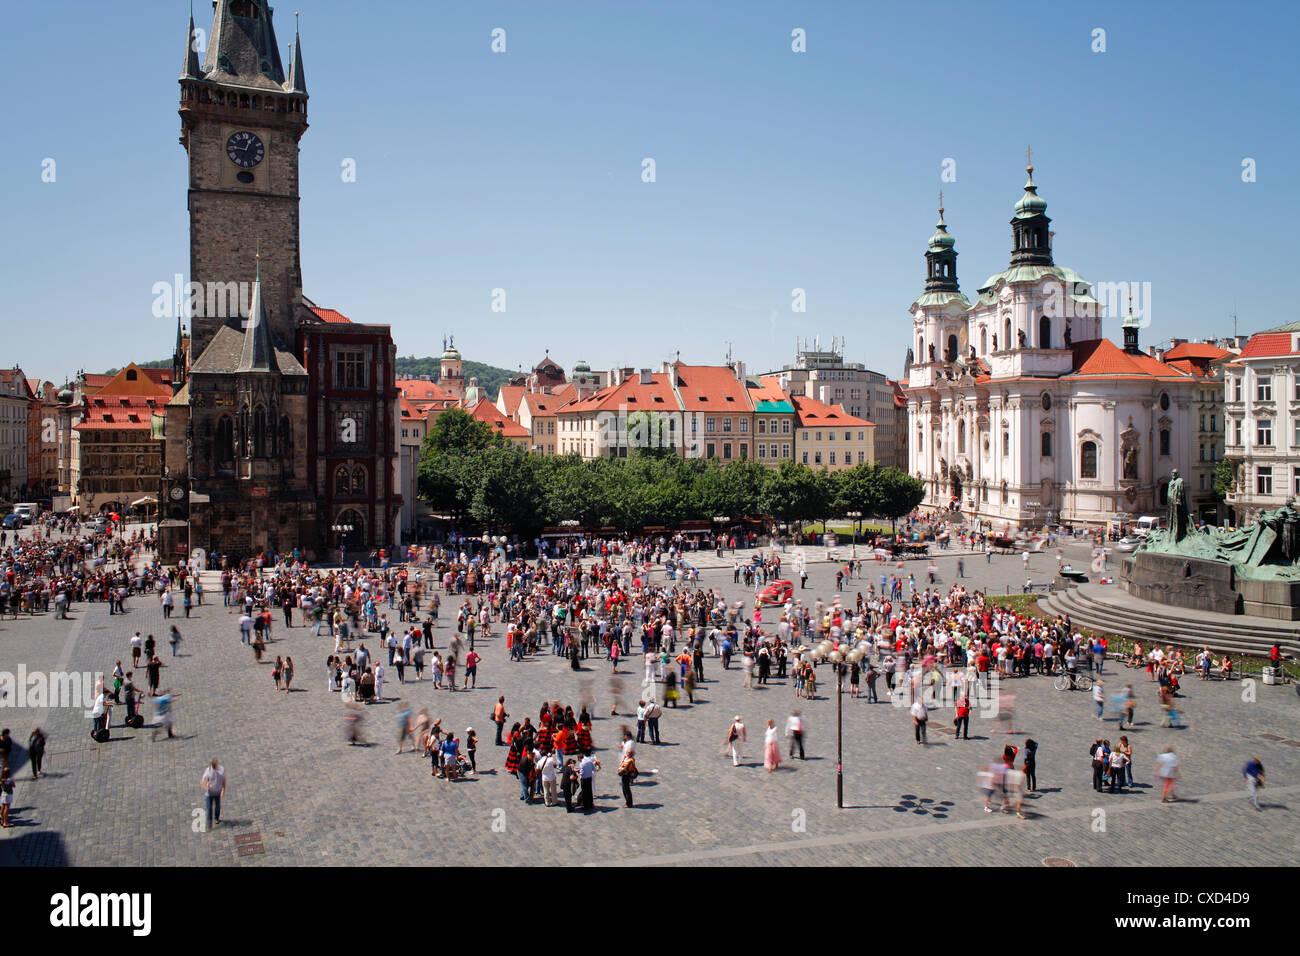 La torre del Ayuntamiento de la Ciudad Vieja con el famoso reloj celeste, Praga, República Checa, Europa Imagen De Stock